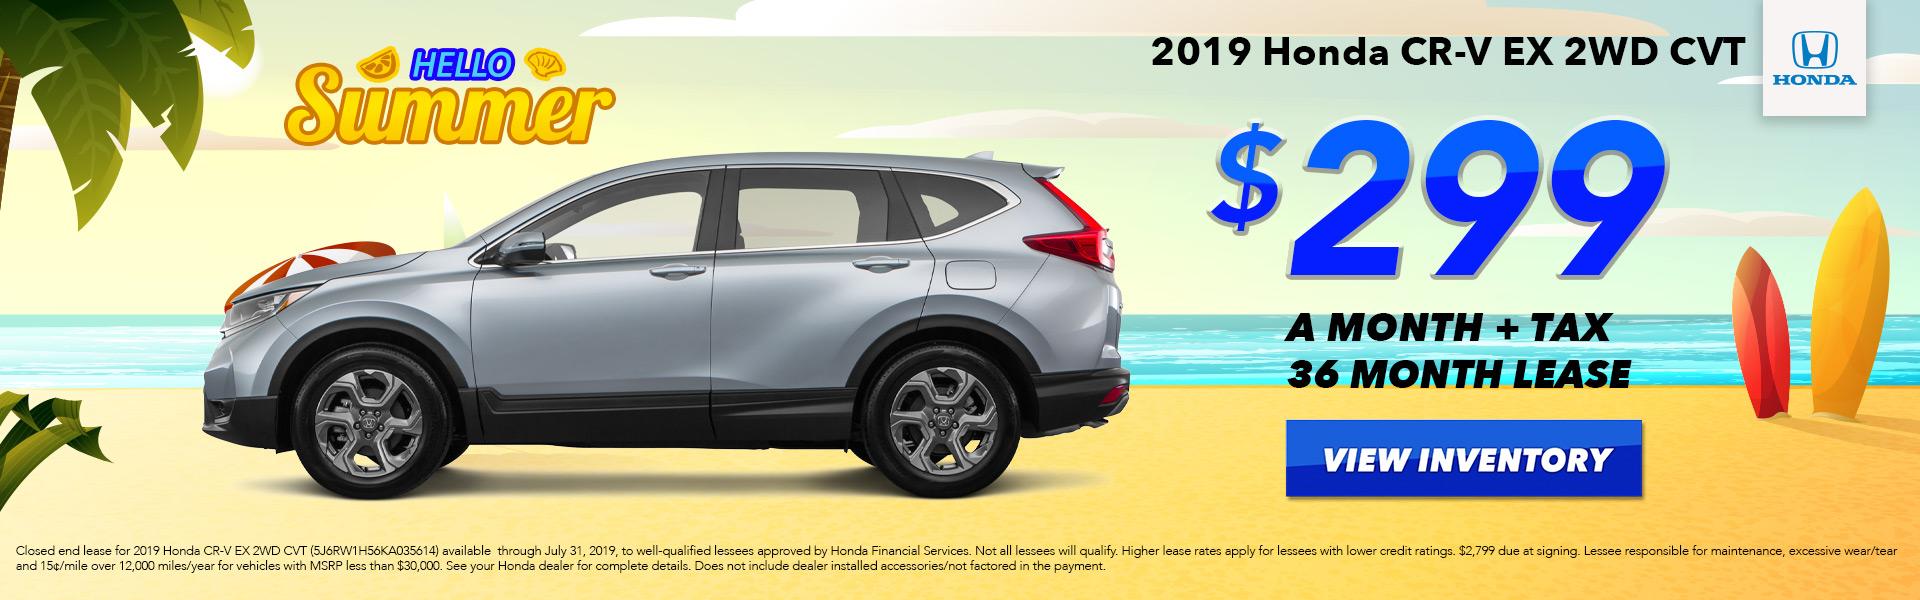 2019 Honda CR-V EX Lease for $299